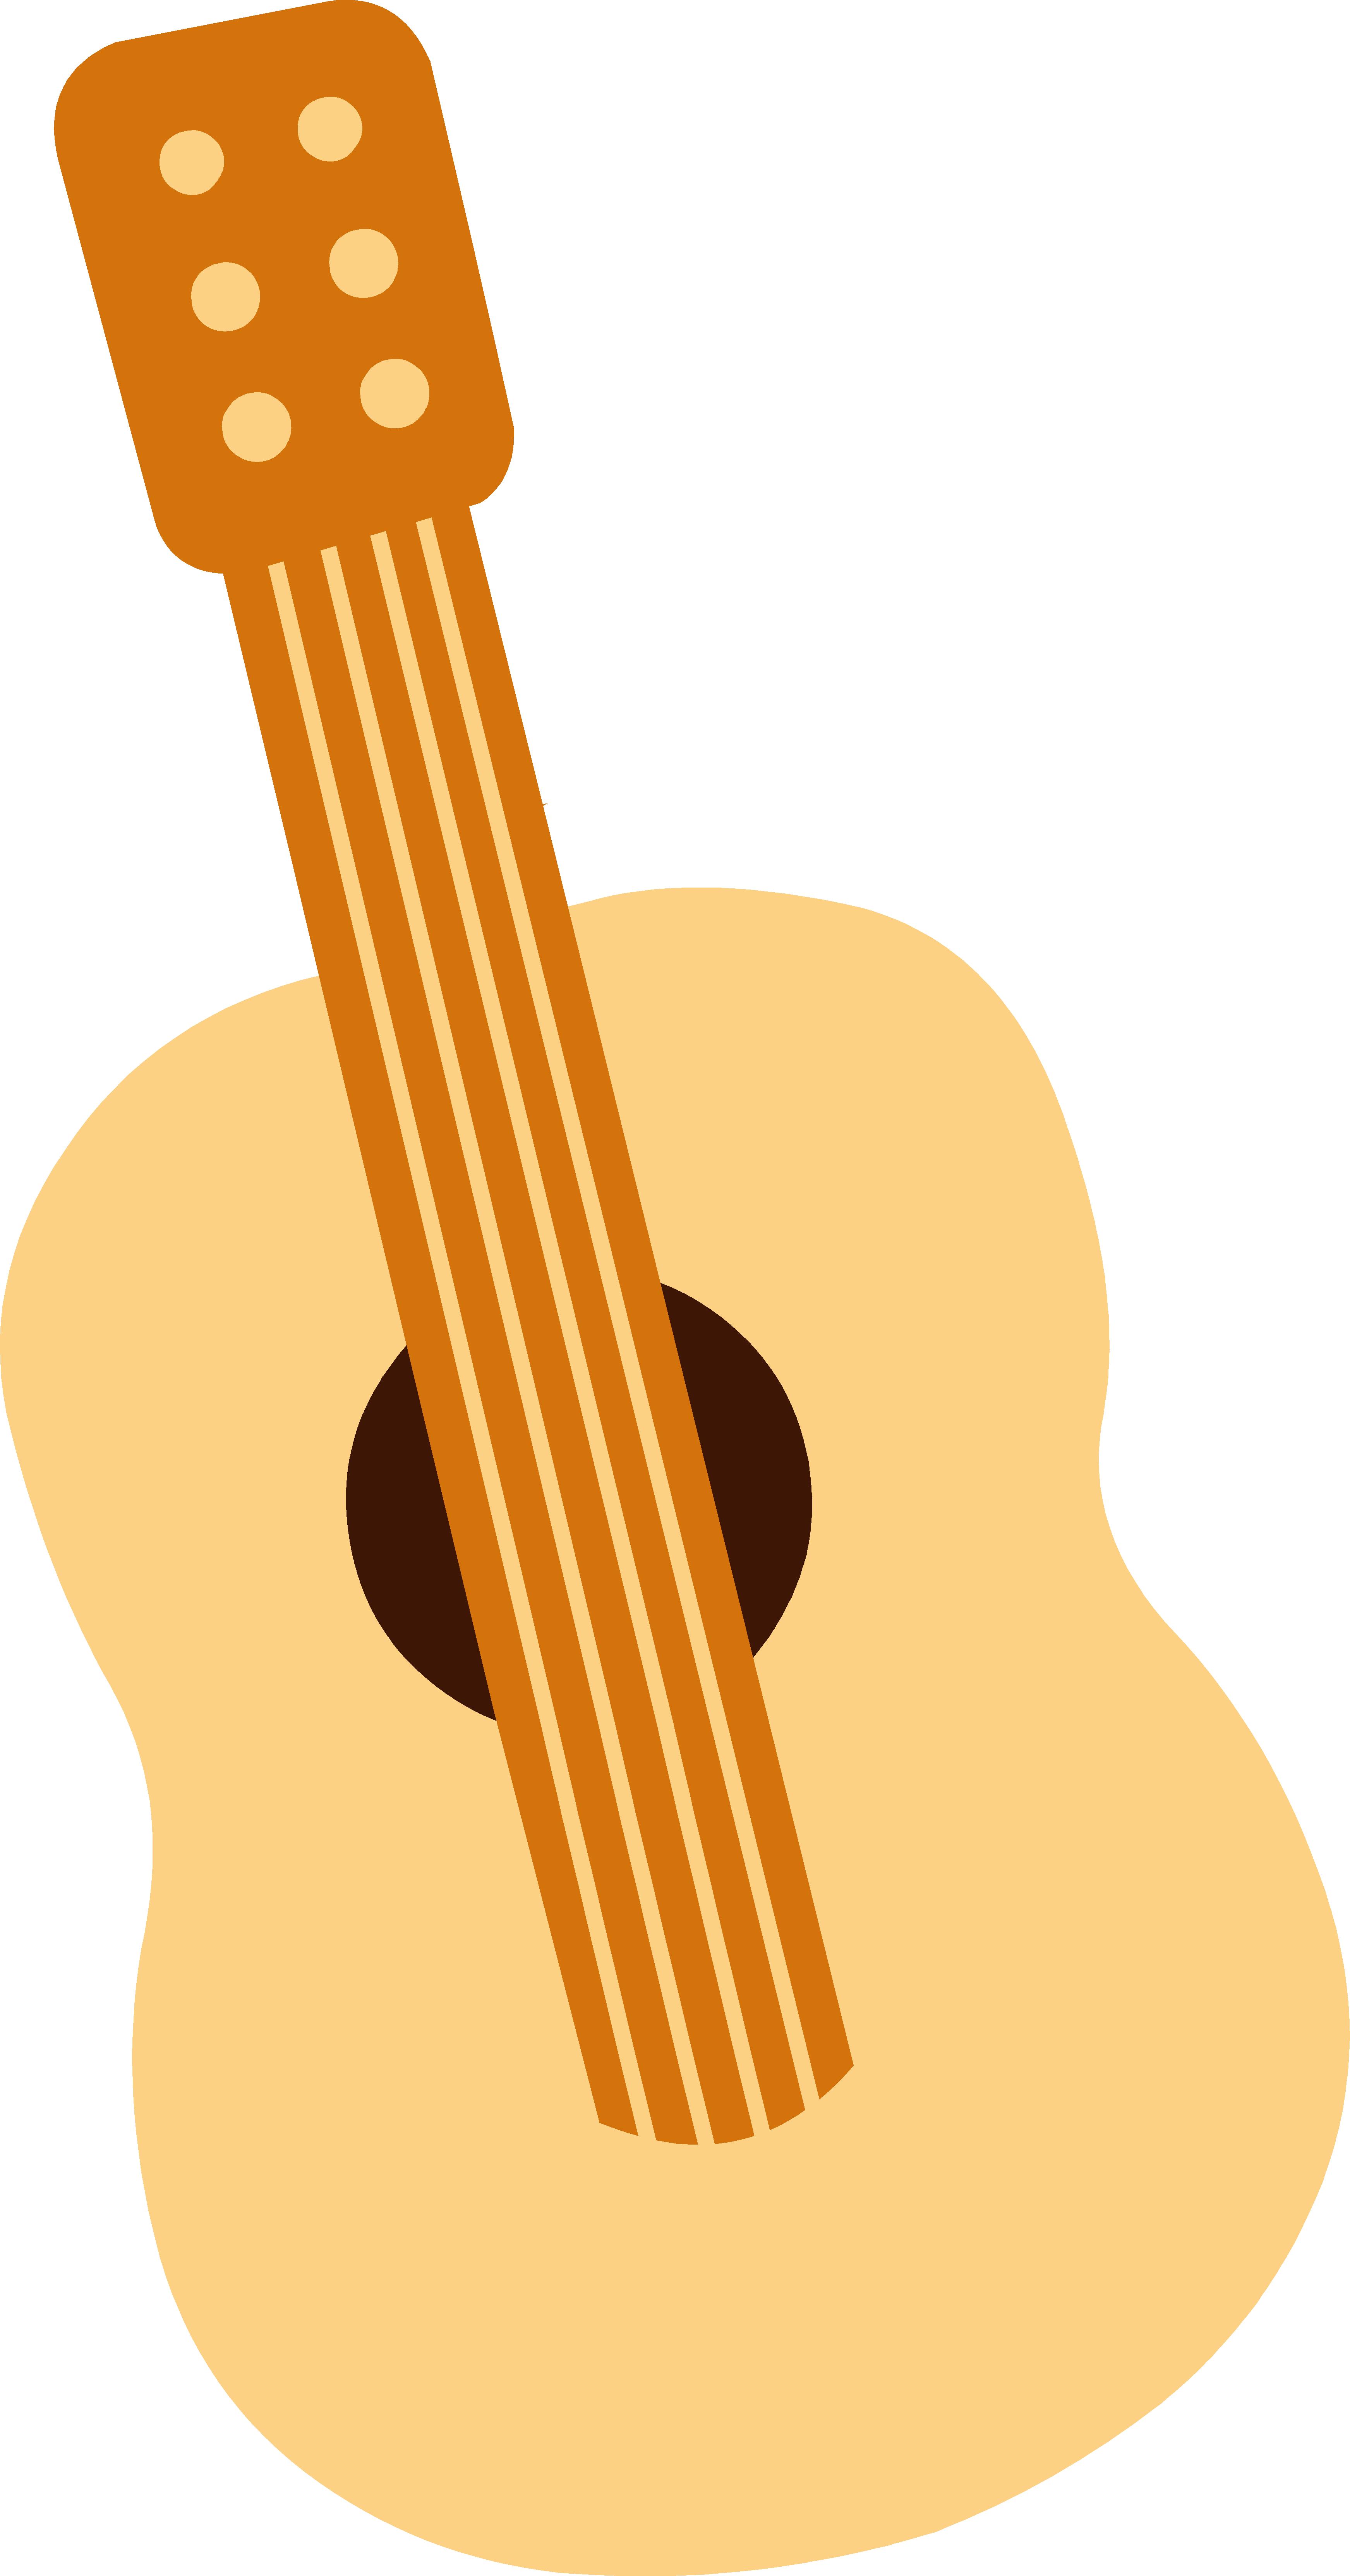 Guitar clipart #4, Download drawings